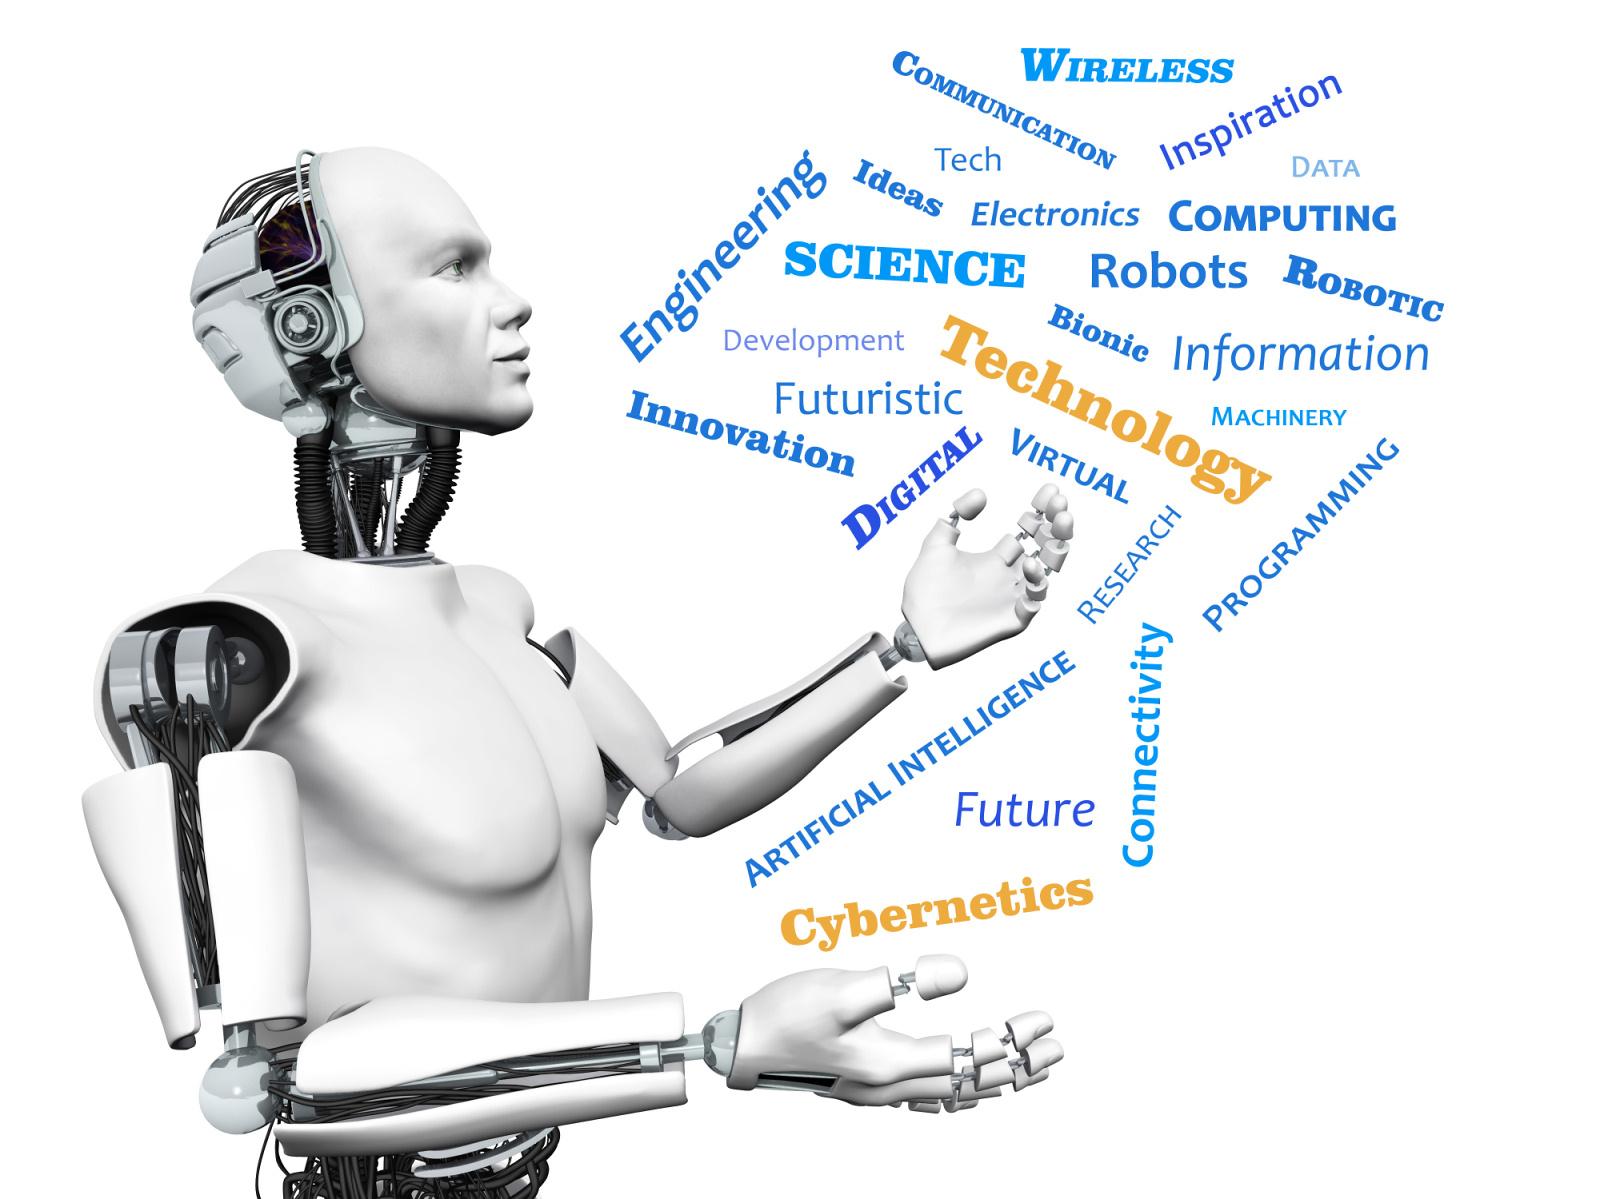 otomasyon-nedir-hdcotomasyon.com.tr-automation77